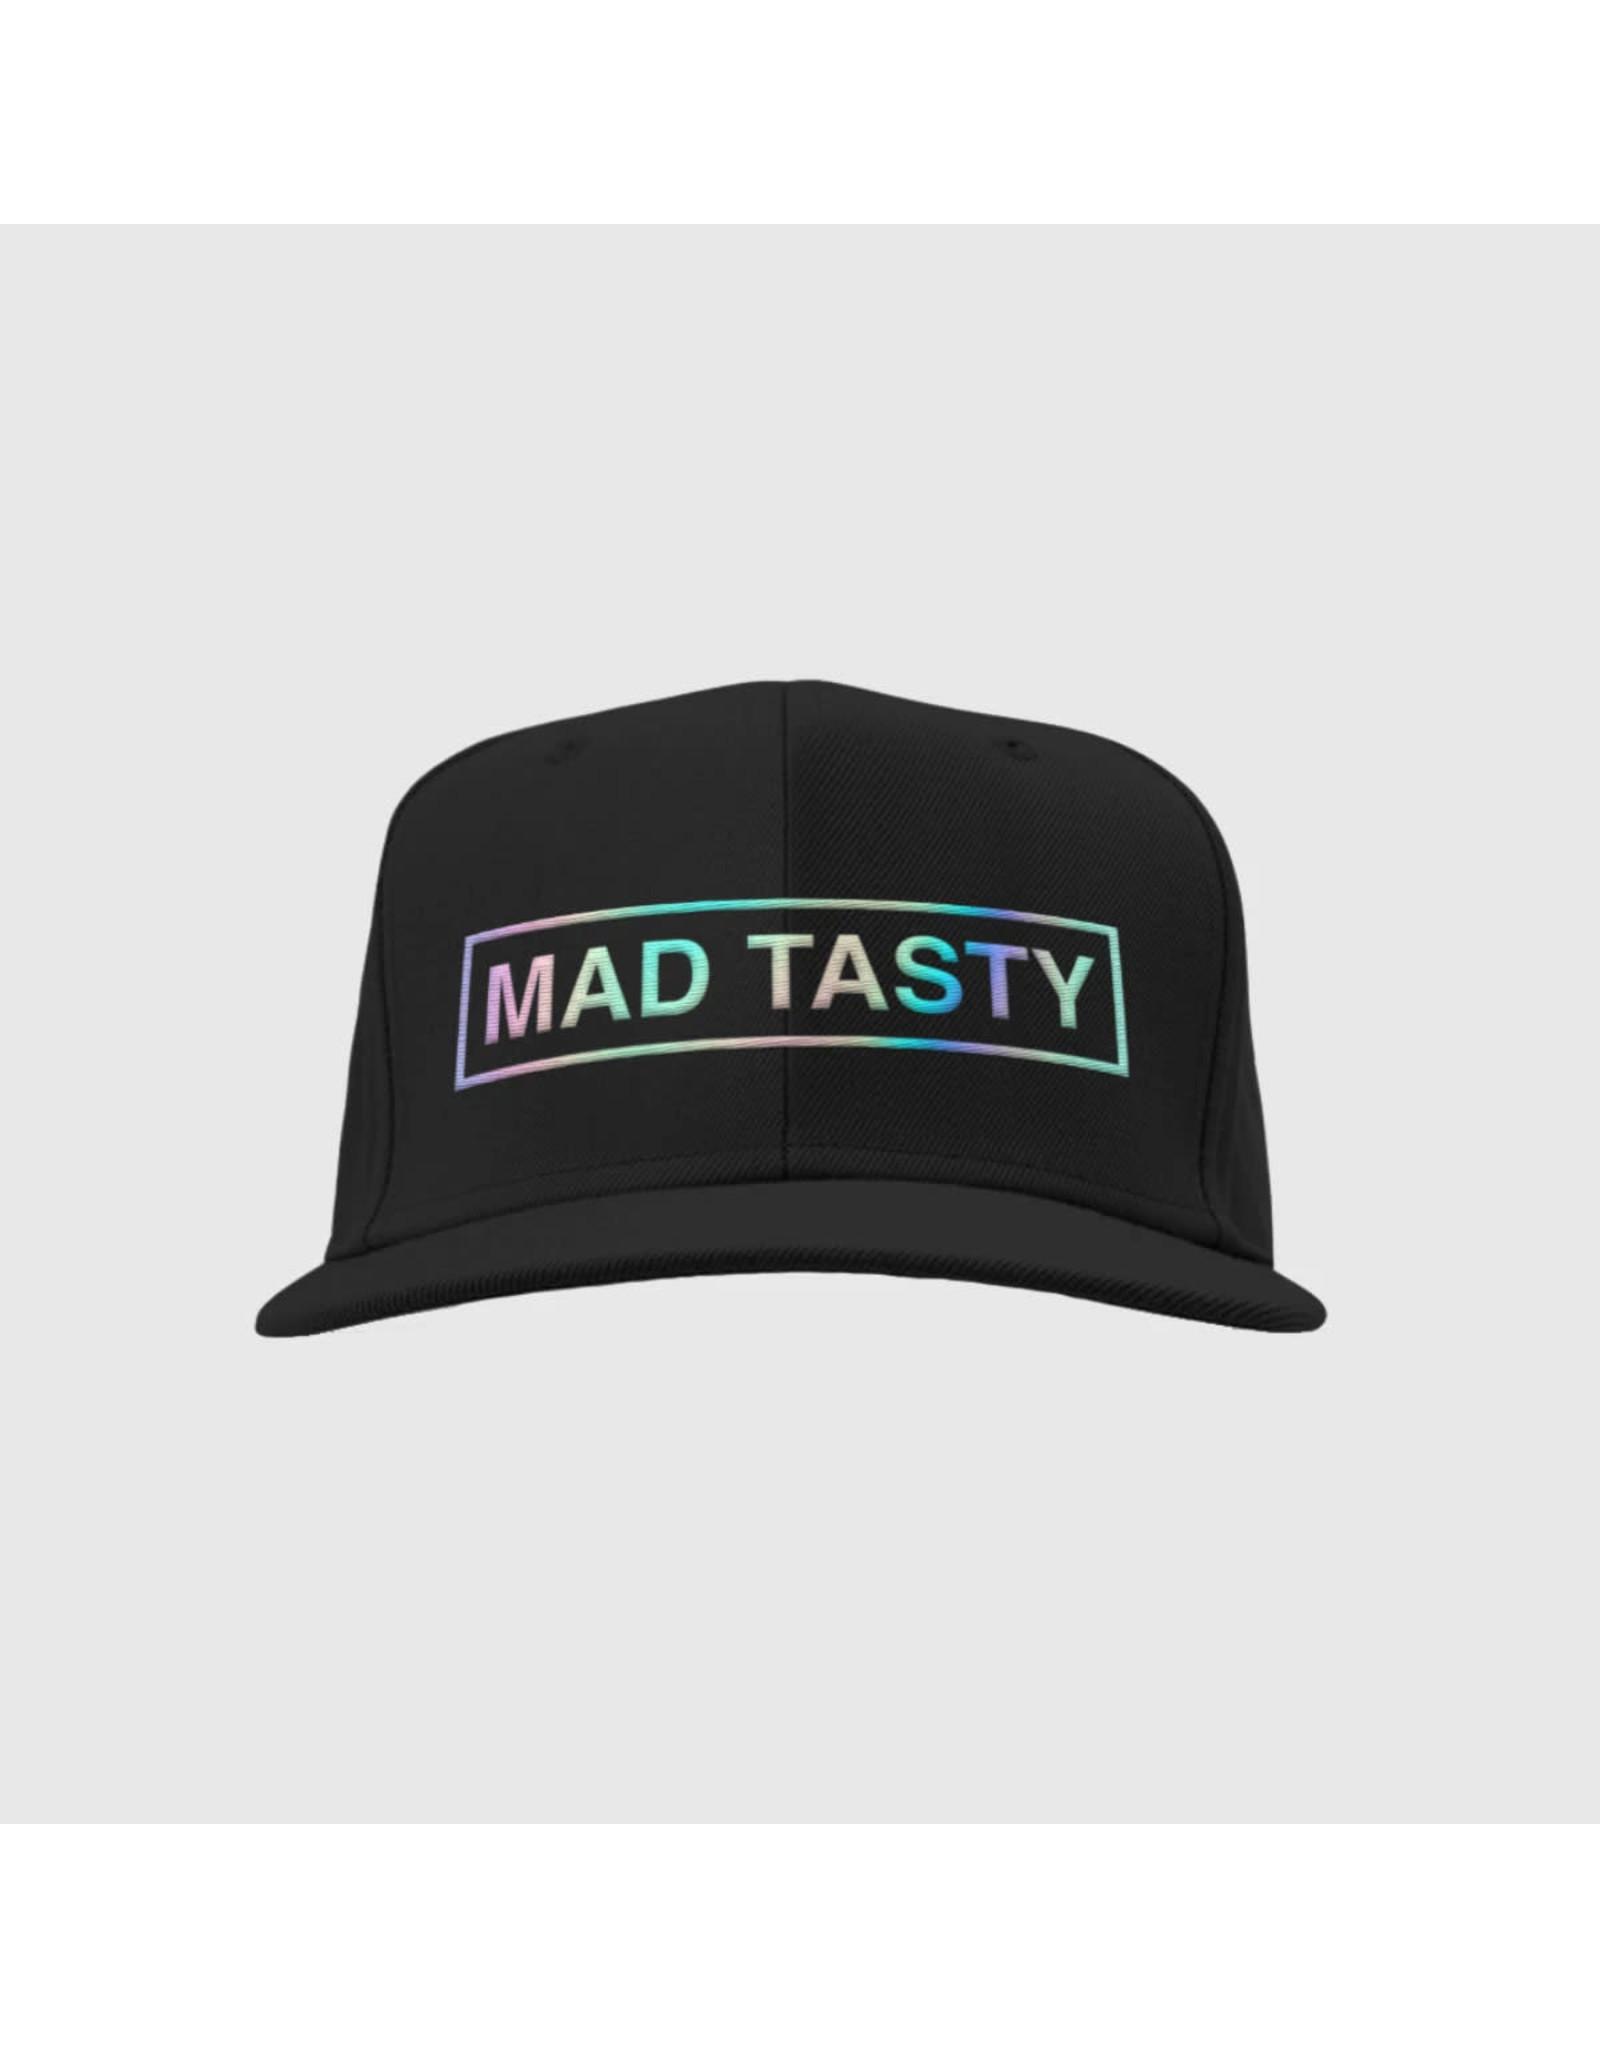 Mad Tasty Mad Tasty Unicorn Tears Hat